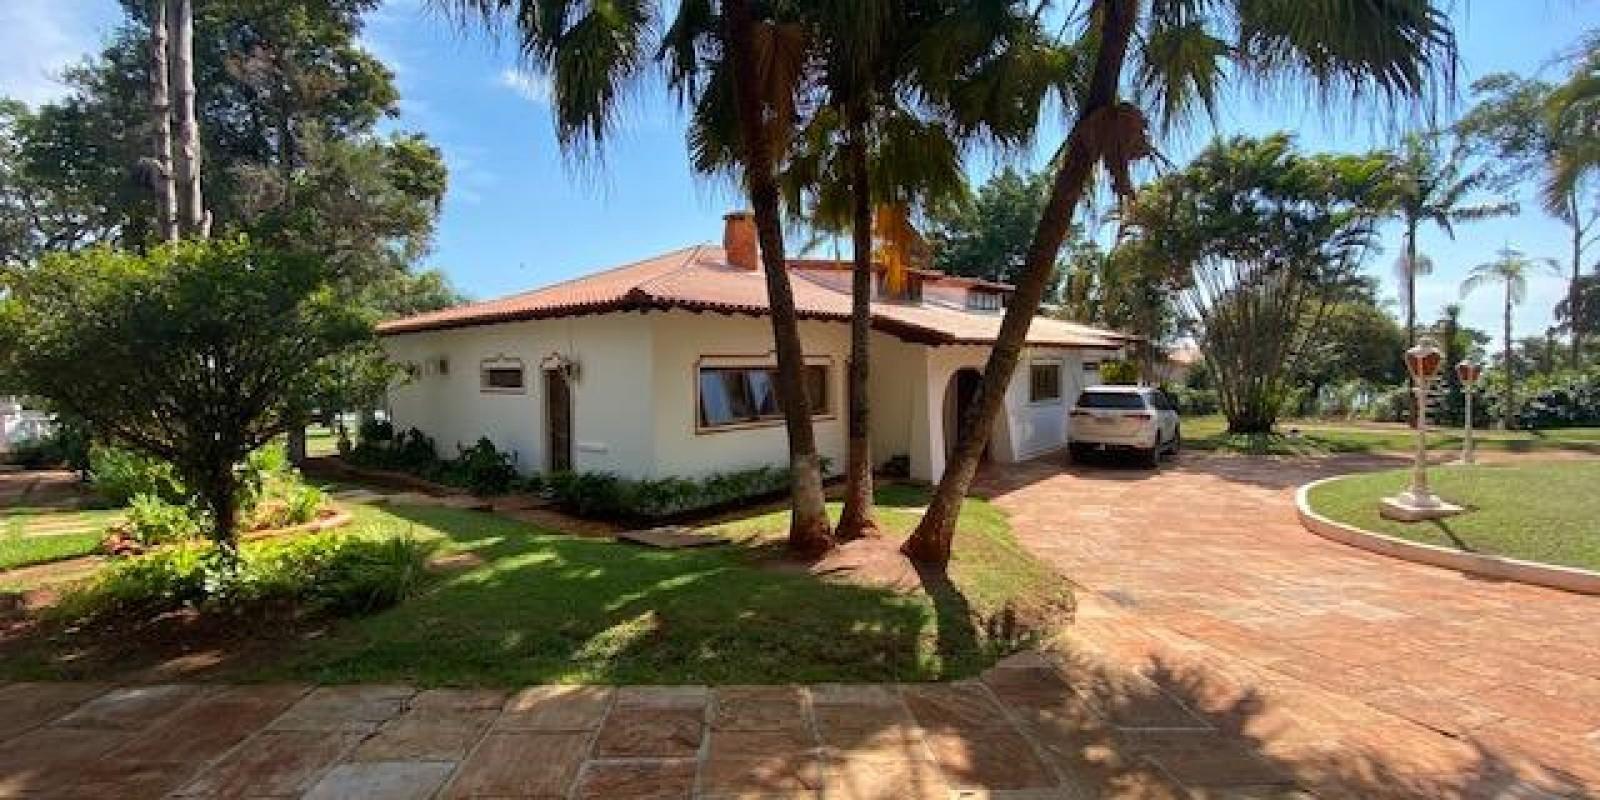 Casa Pé na Areia na Represa Condomínio Parque Náutico em Avaré SP - Foto 2 de 53